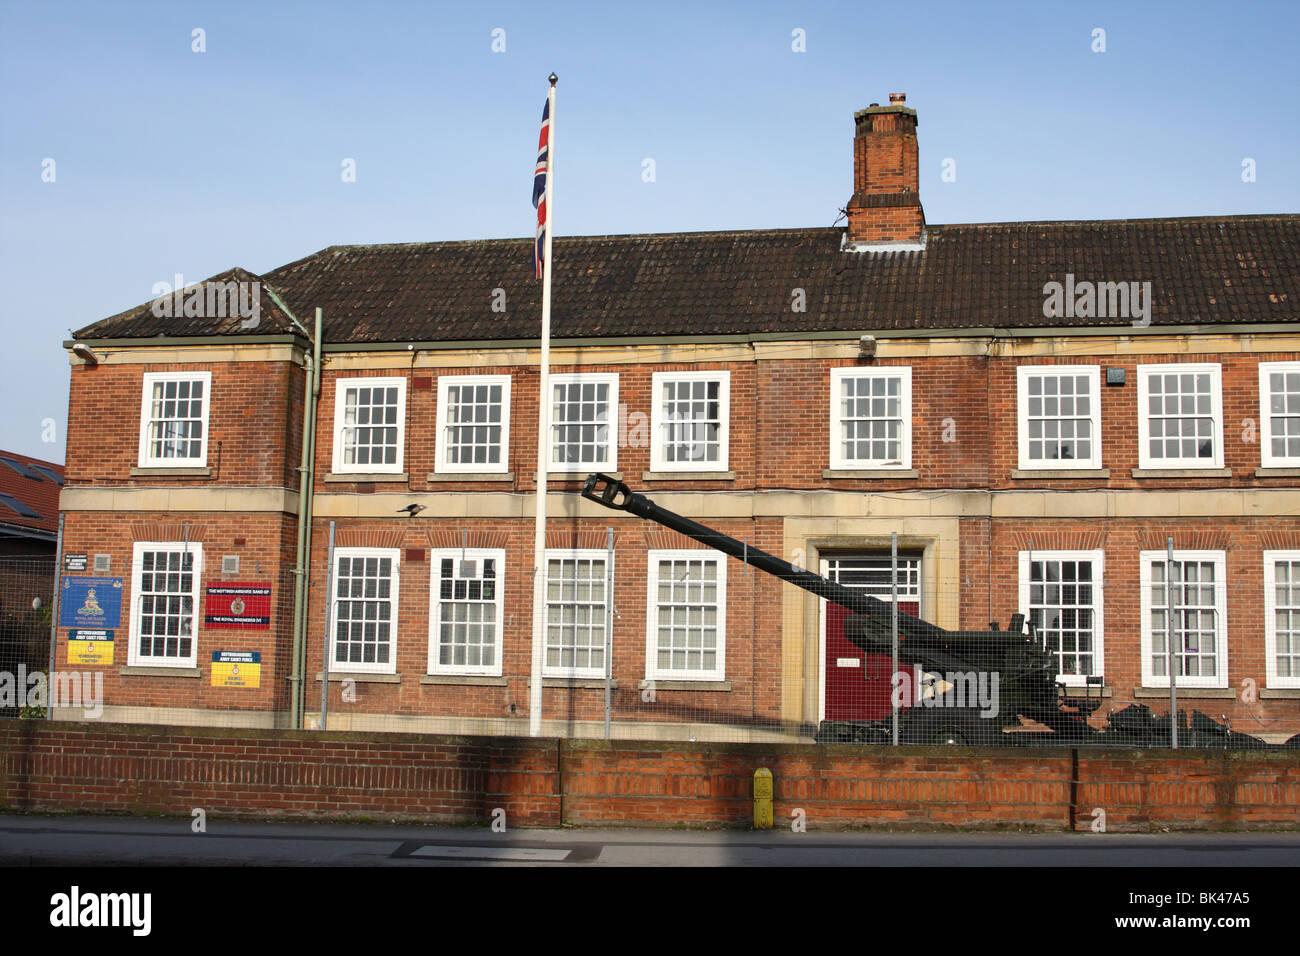 A Territorial Army (TA) barracks in a U.K. city. - Stock Image